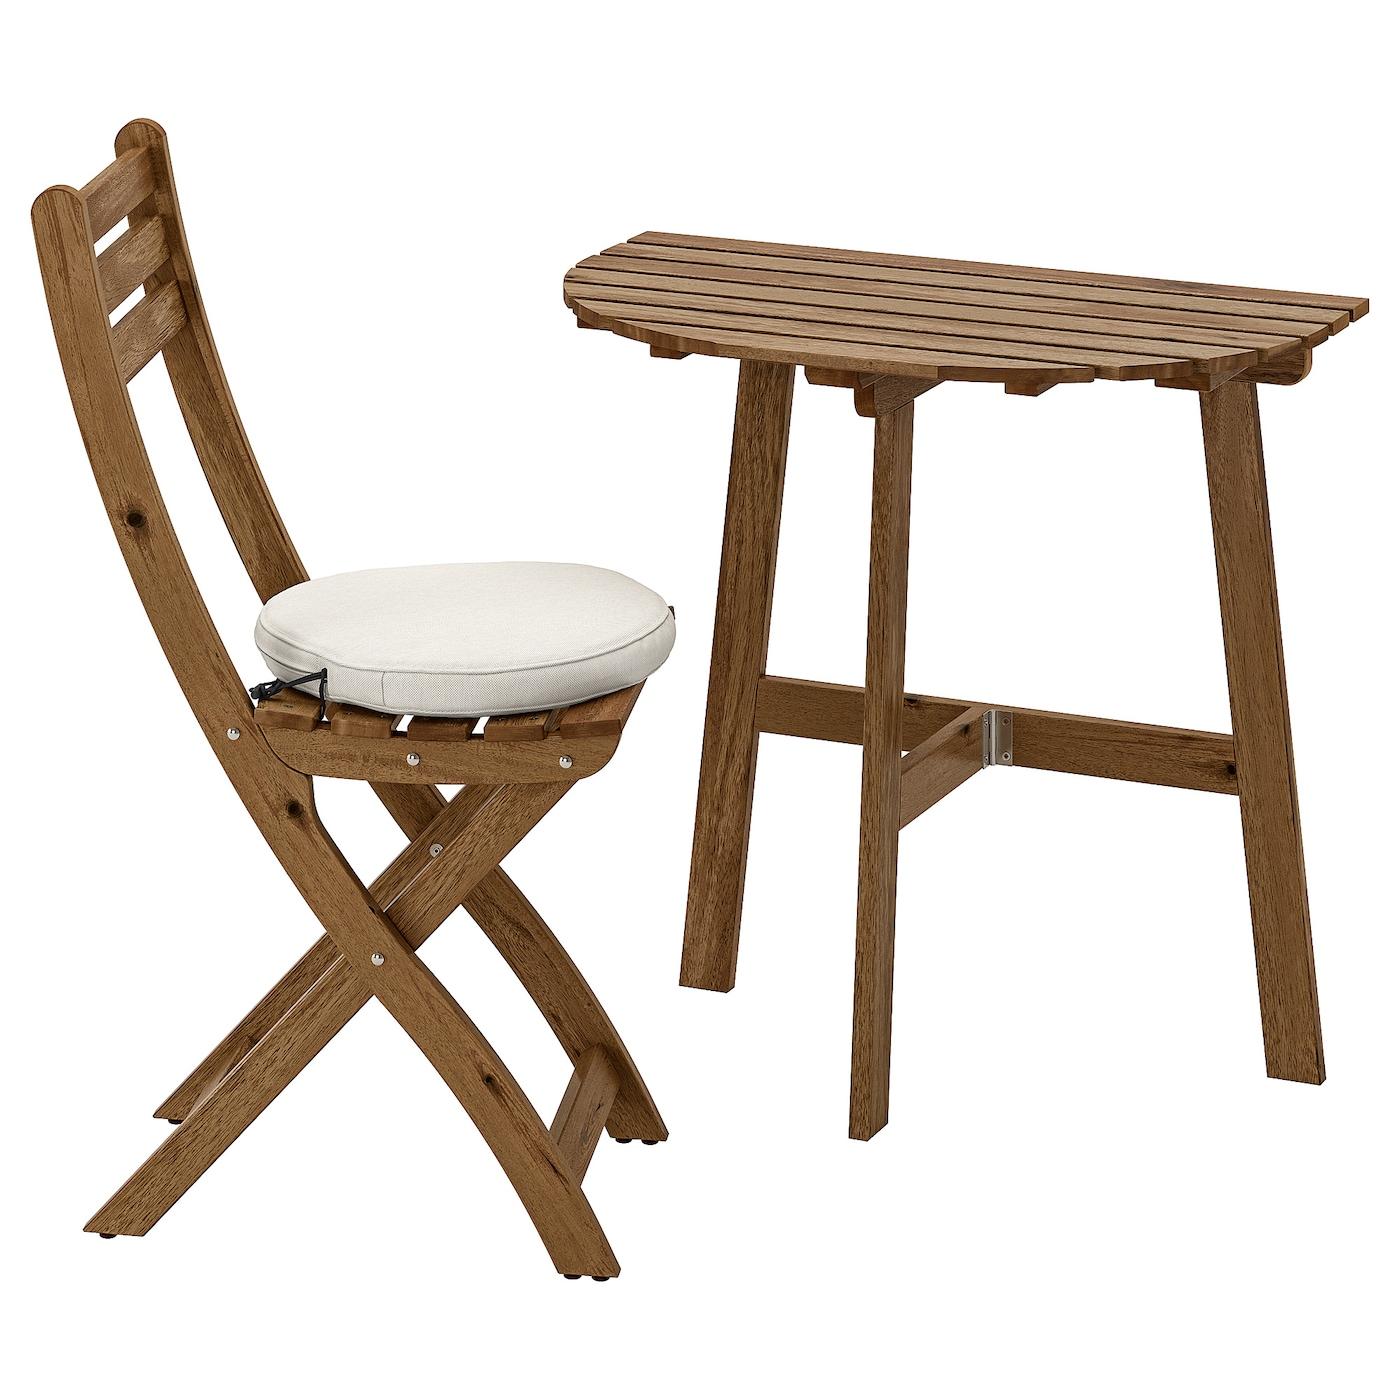 IKEA ASKHOLMEN Stolik ścienny+1 skł krzesł, zew, szarobrązowa bejca, Frösön/Duvholmen beżowy